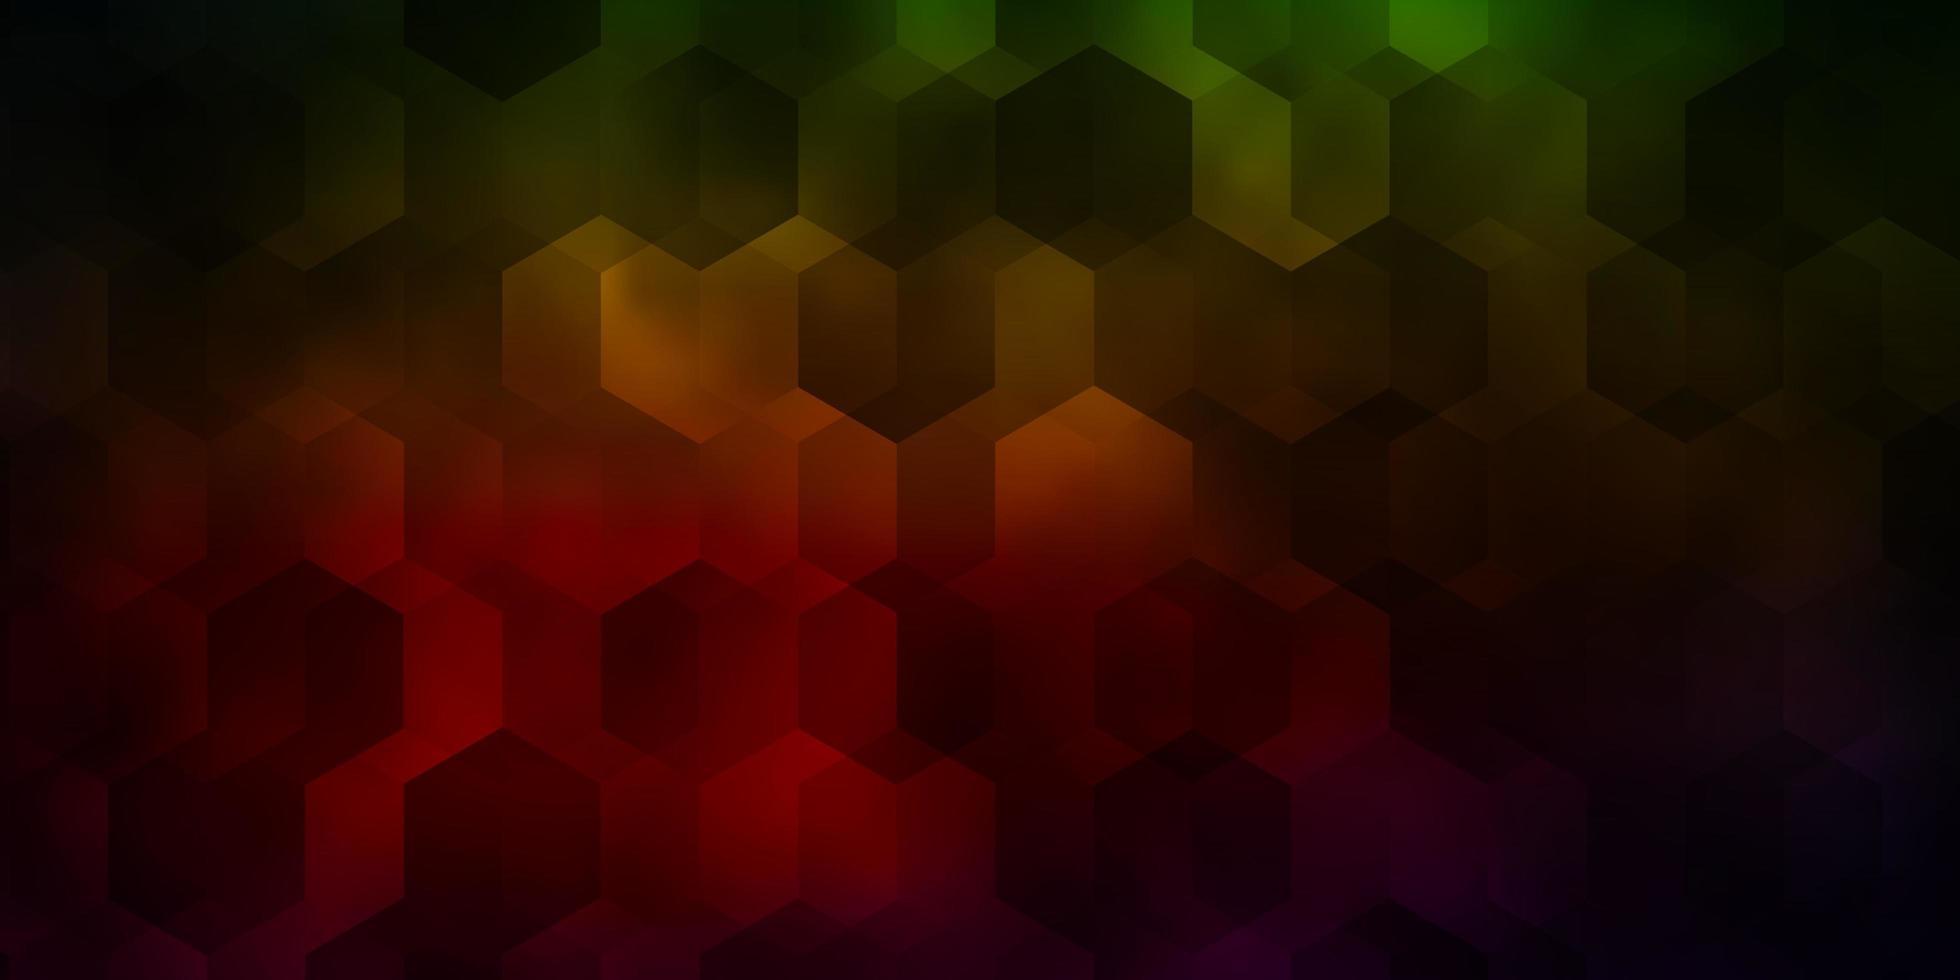 padrão de vetor verde e vermelho escuro com hexágonos coloridos.